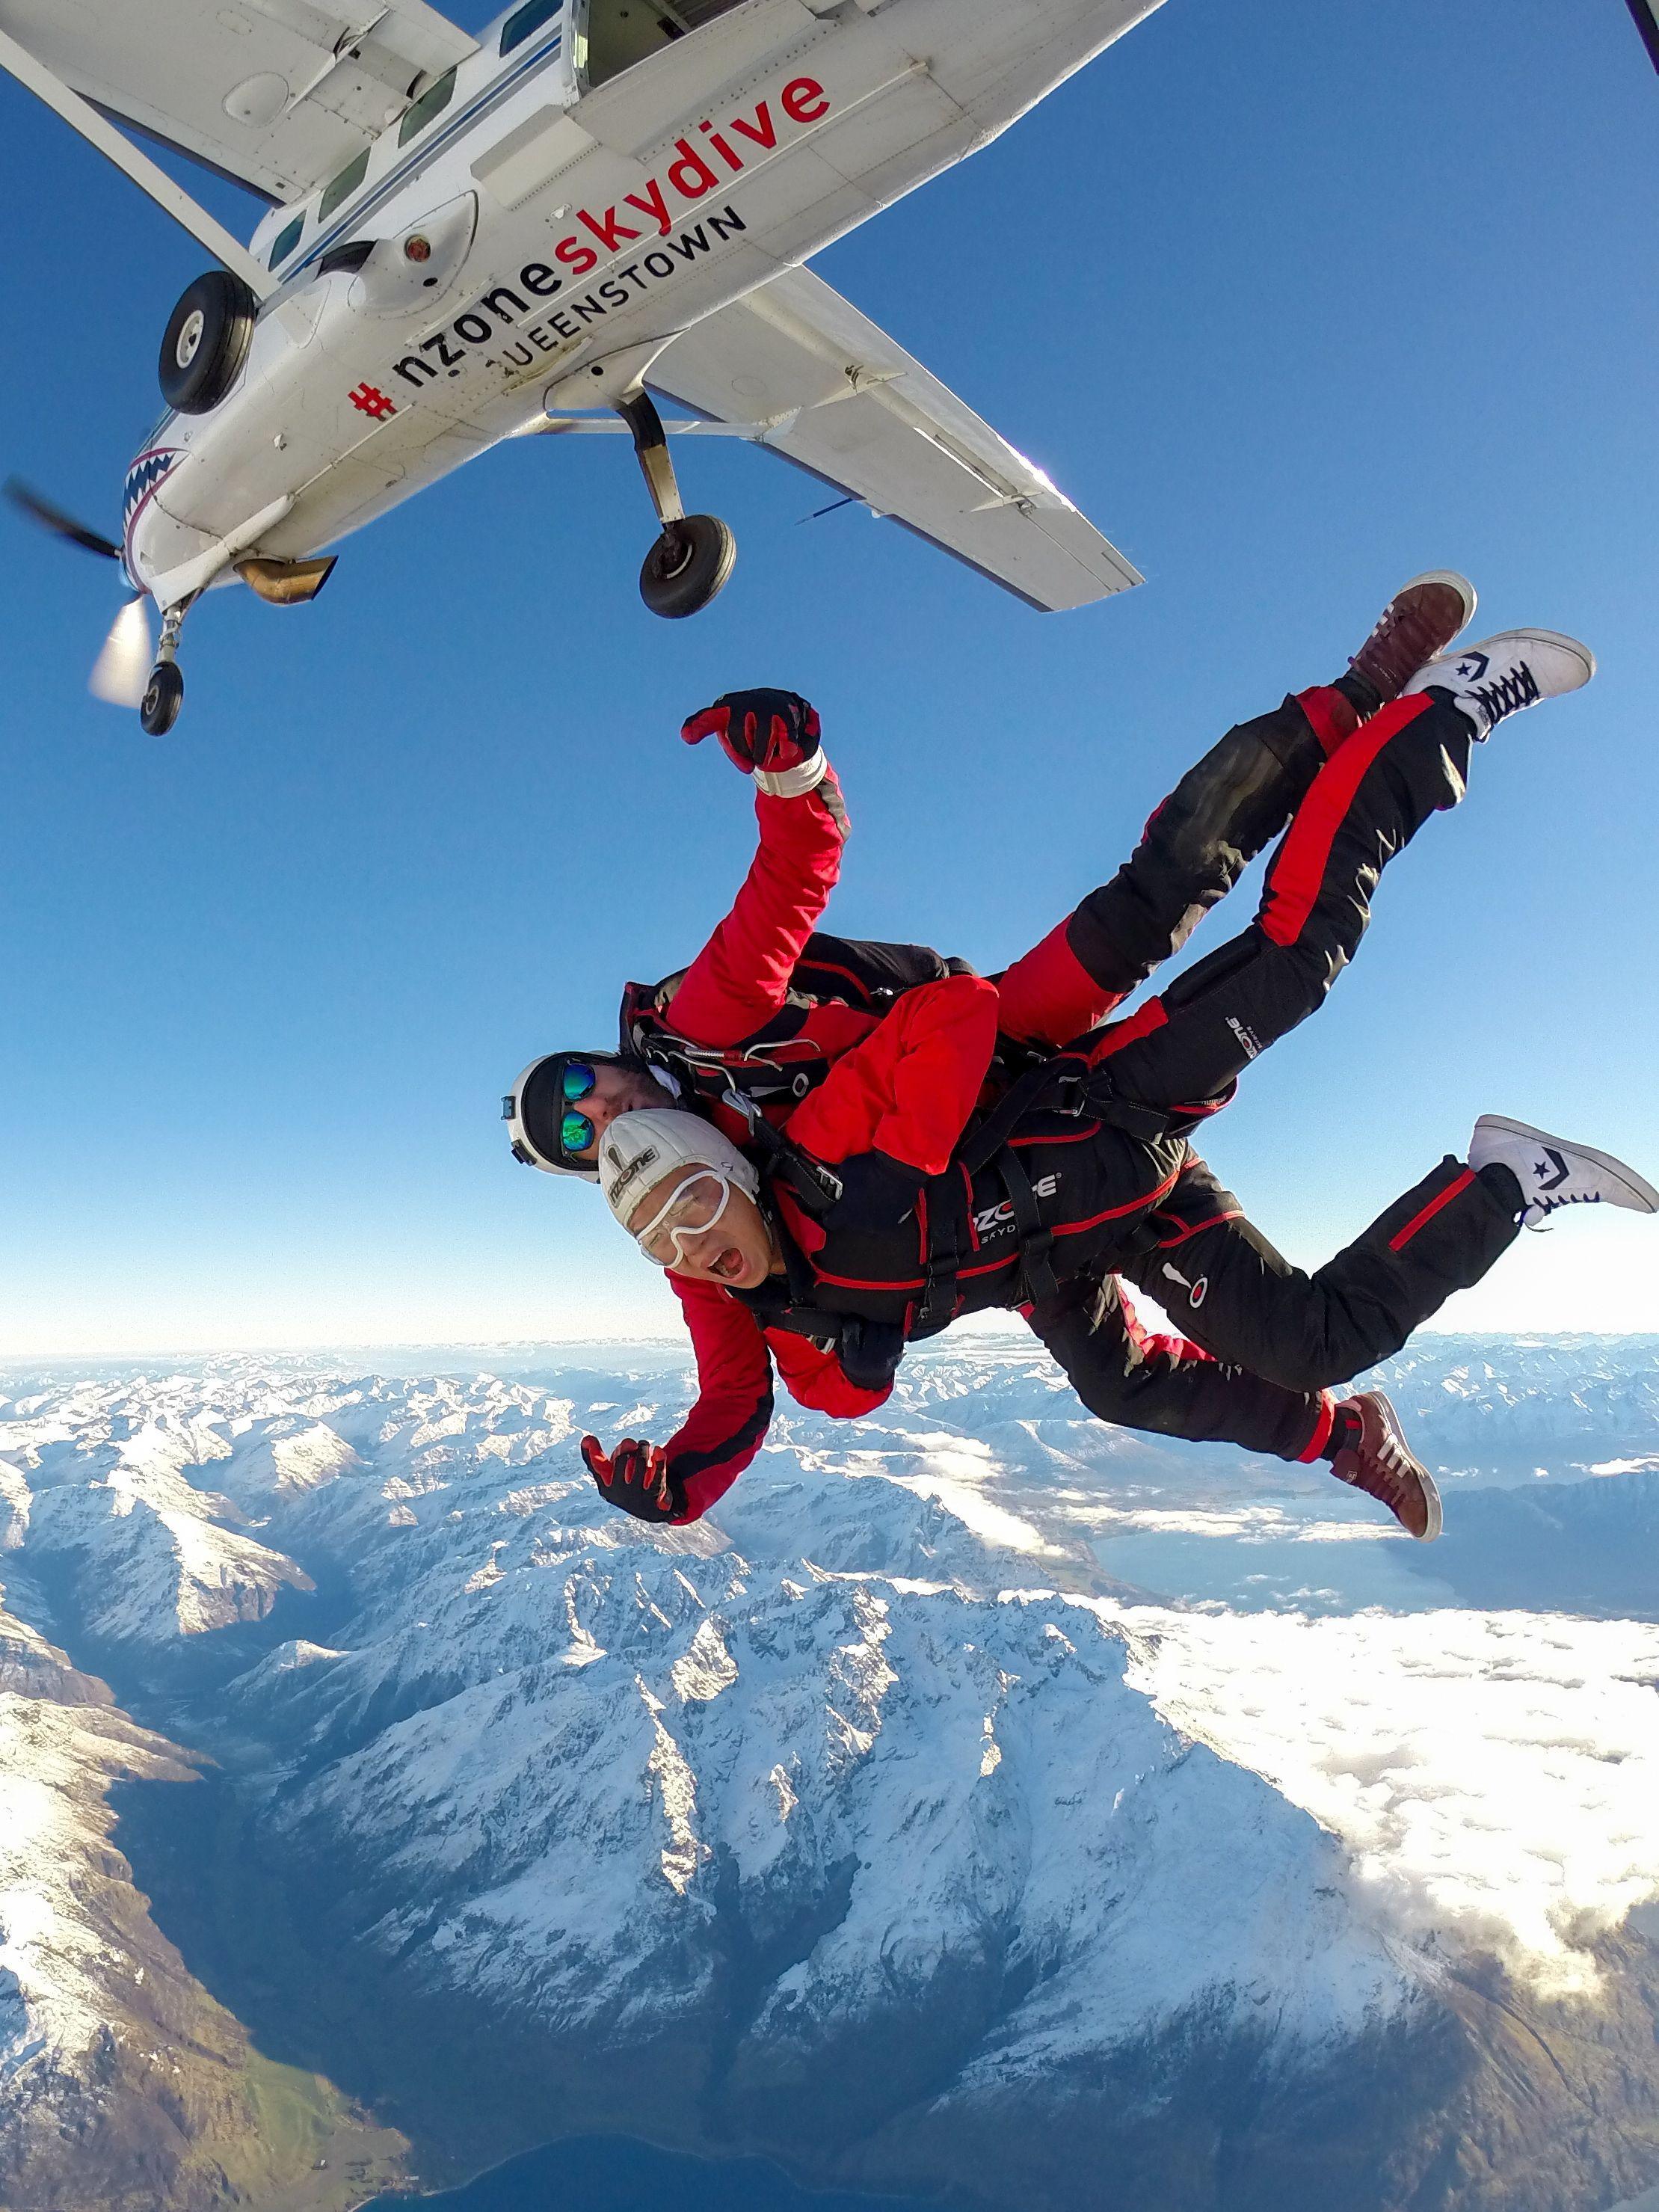 NZONE Skydive.jpg